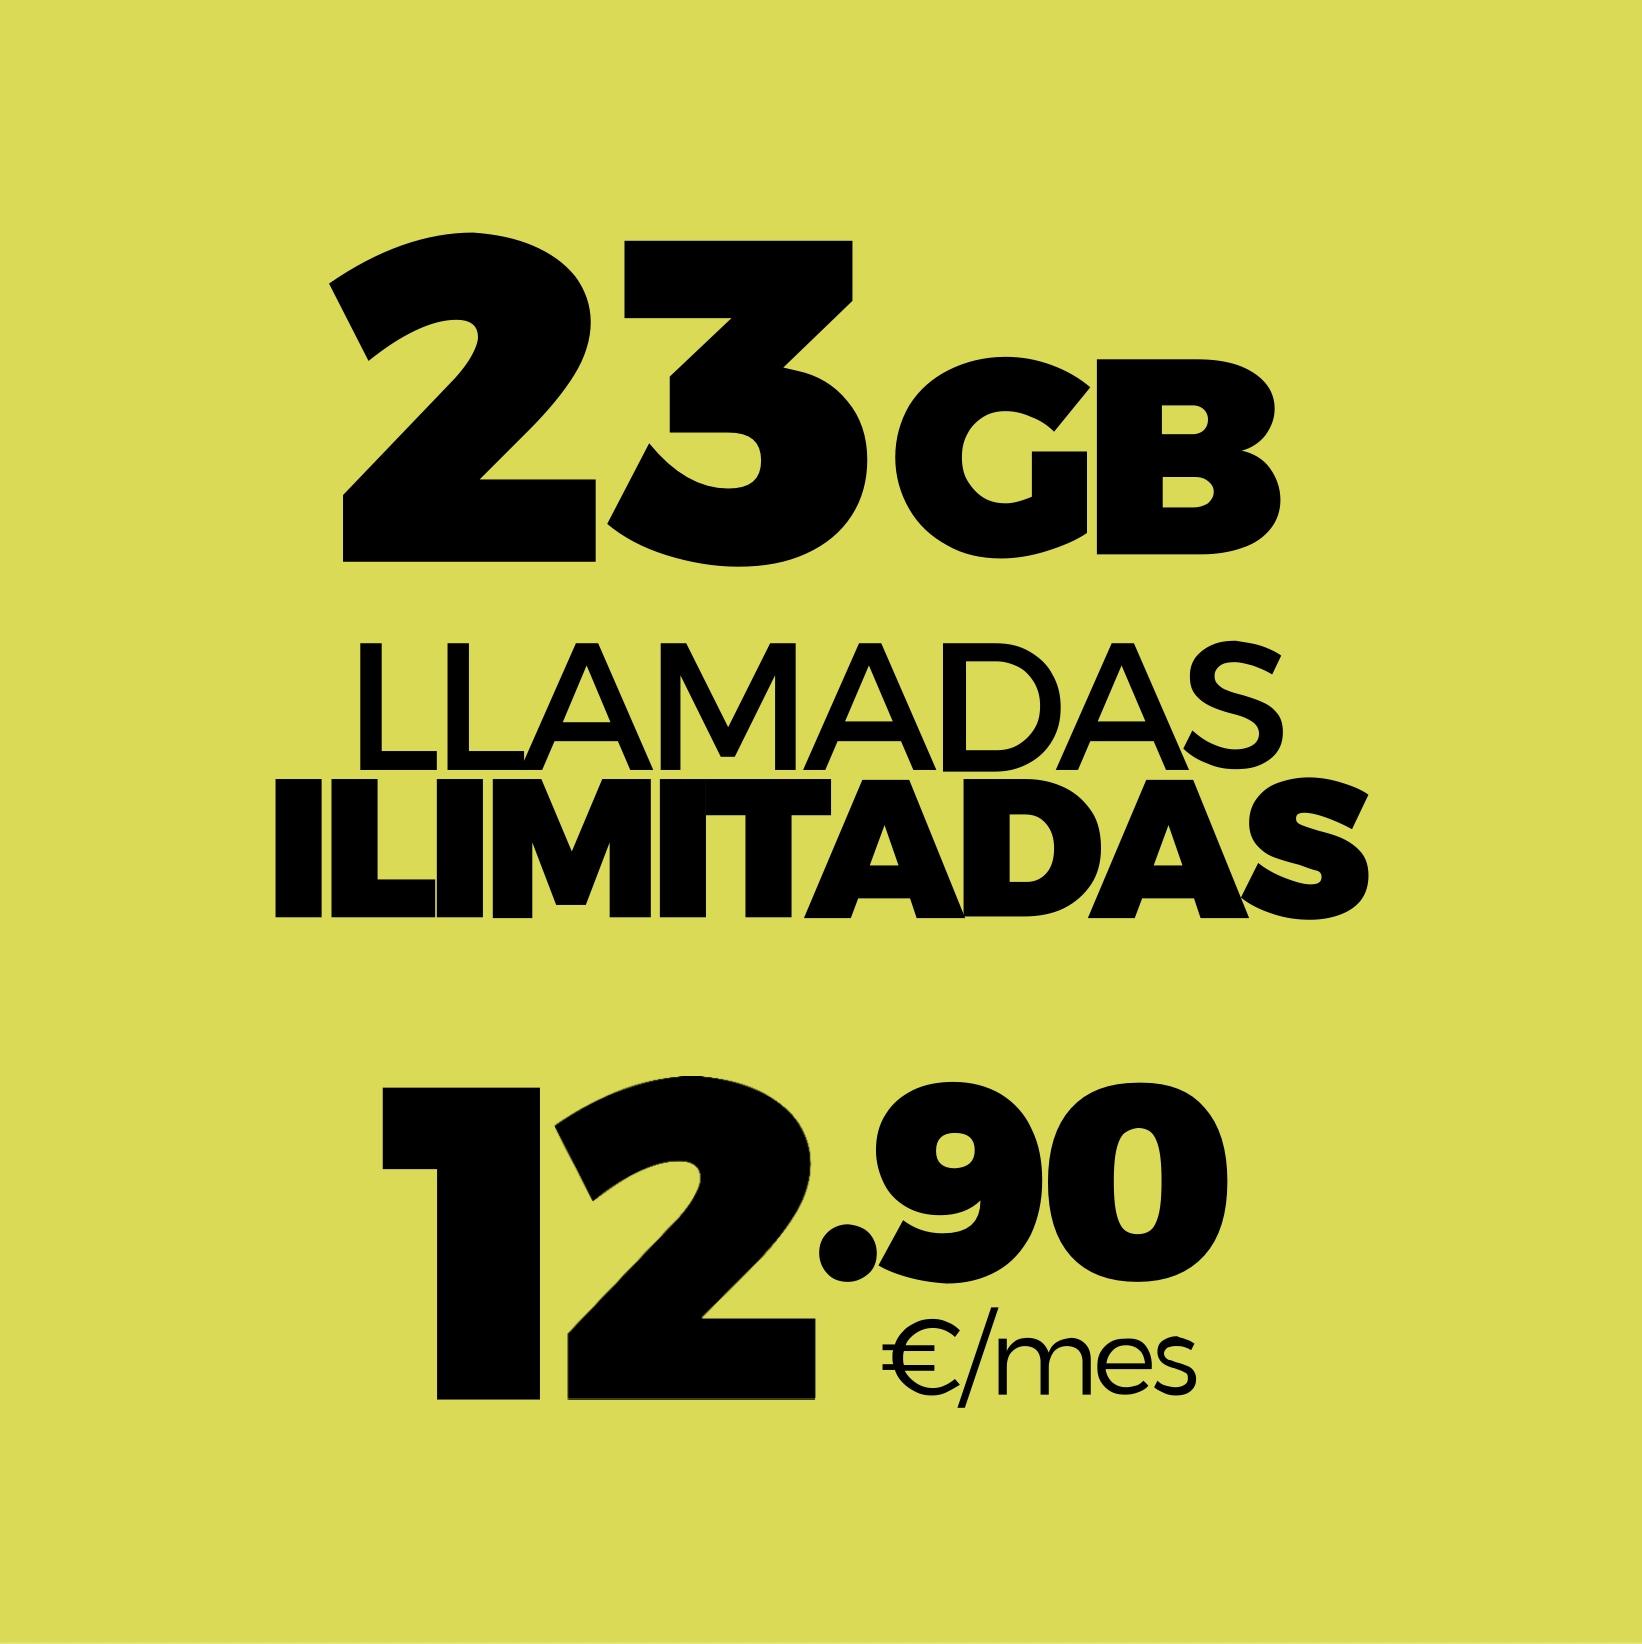 23GB y llamadas ilimitadas por 12,90 €